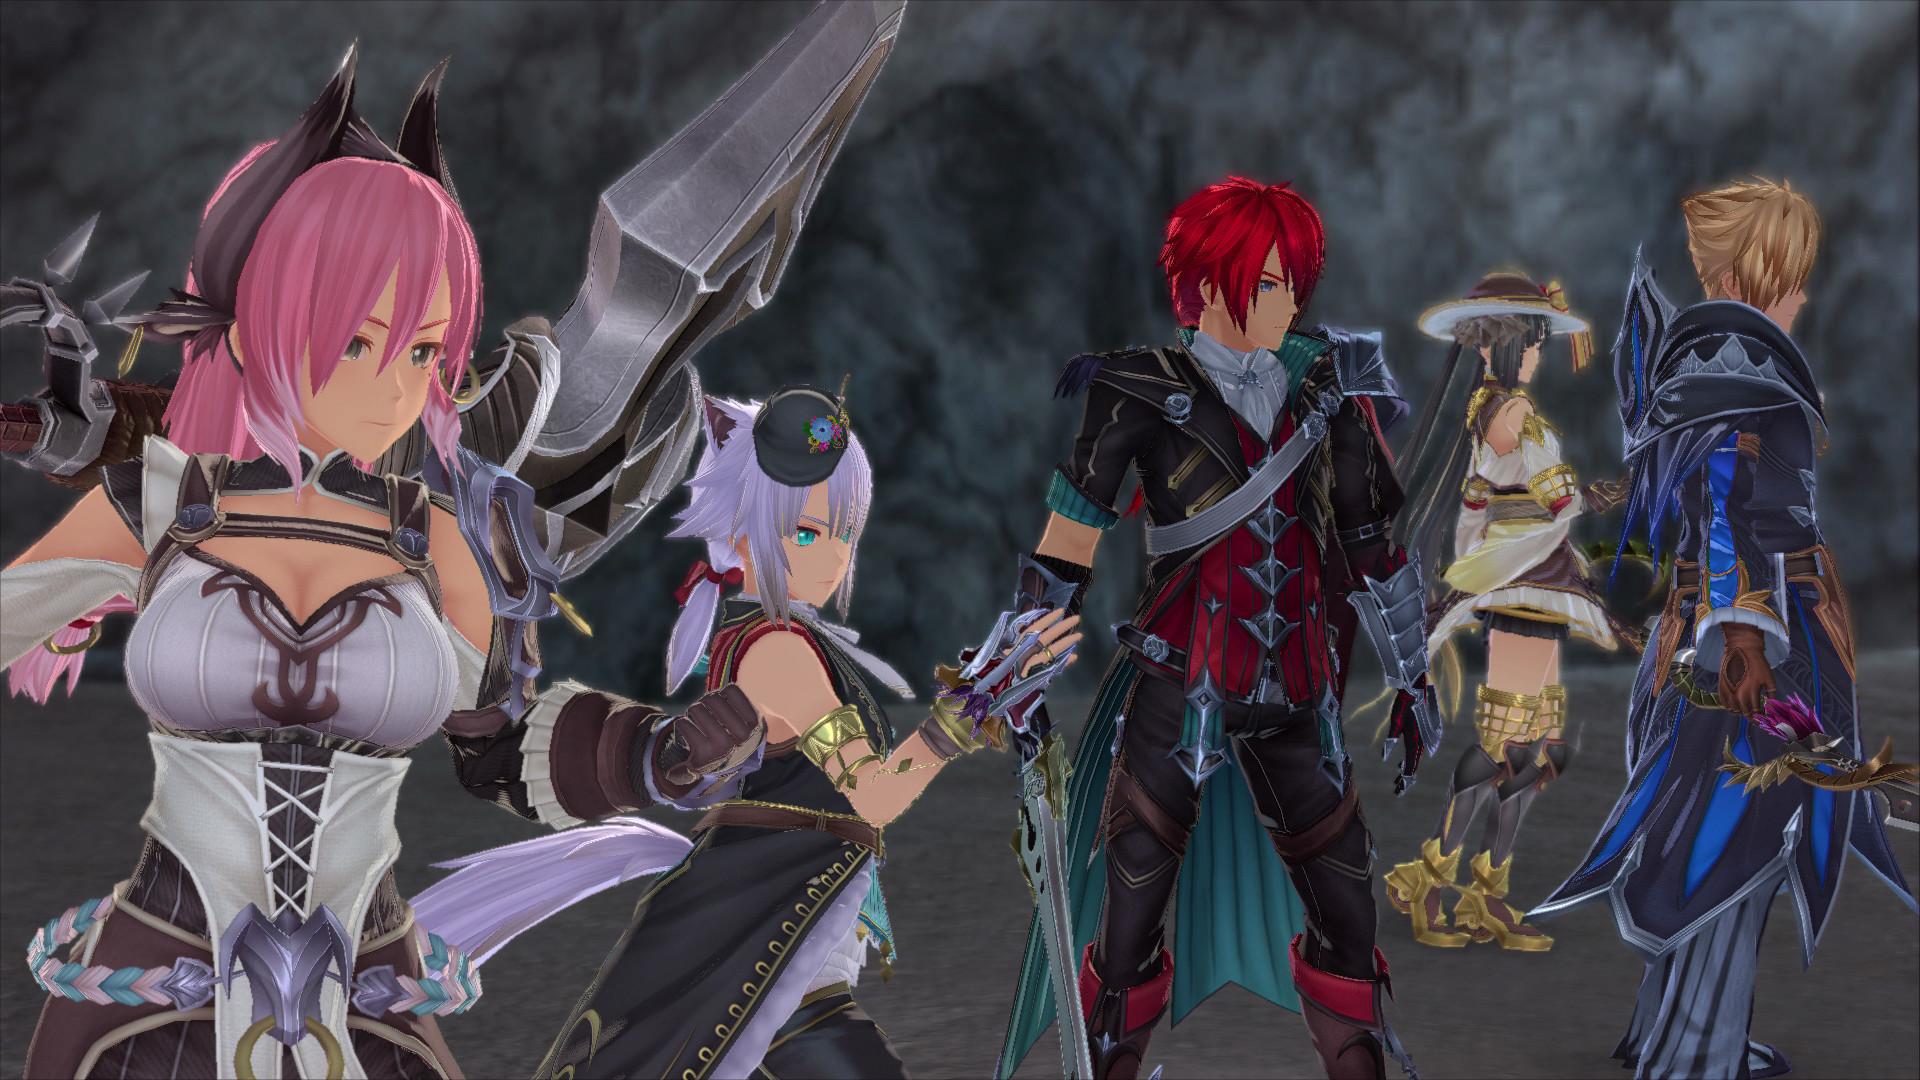 В новом трейлере Ys IX: Monstrum Nox представили персонажей